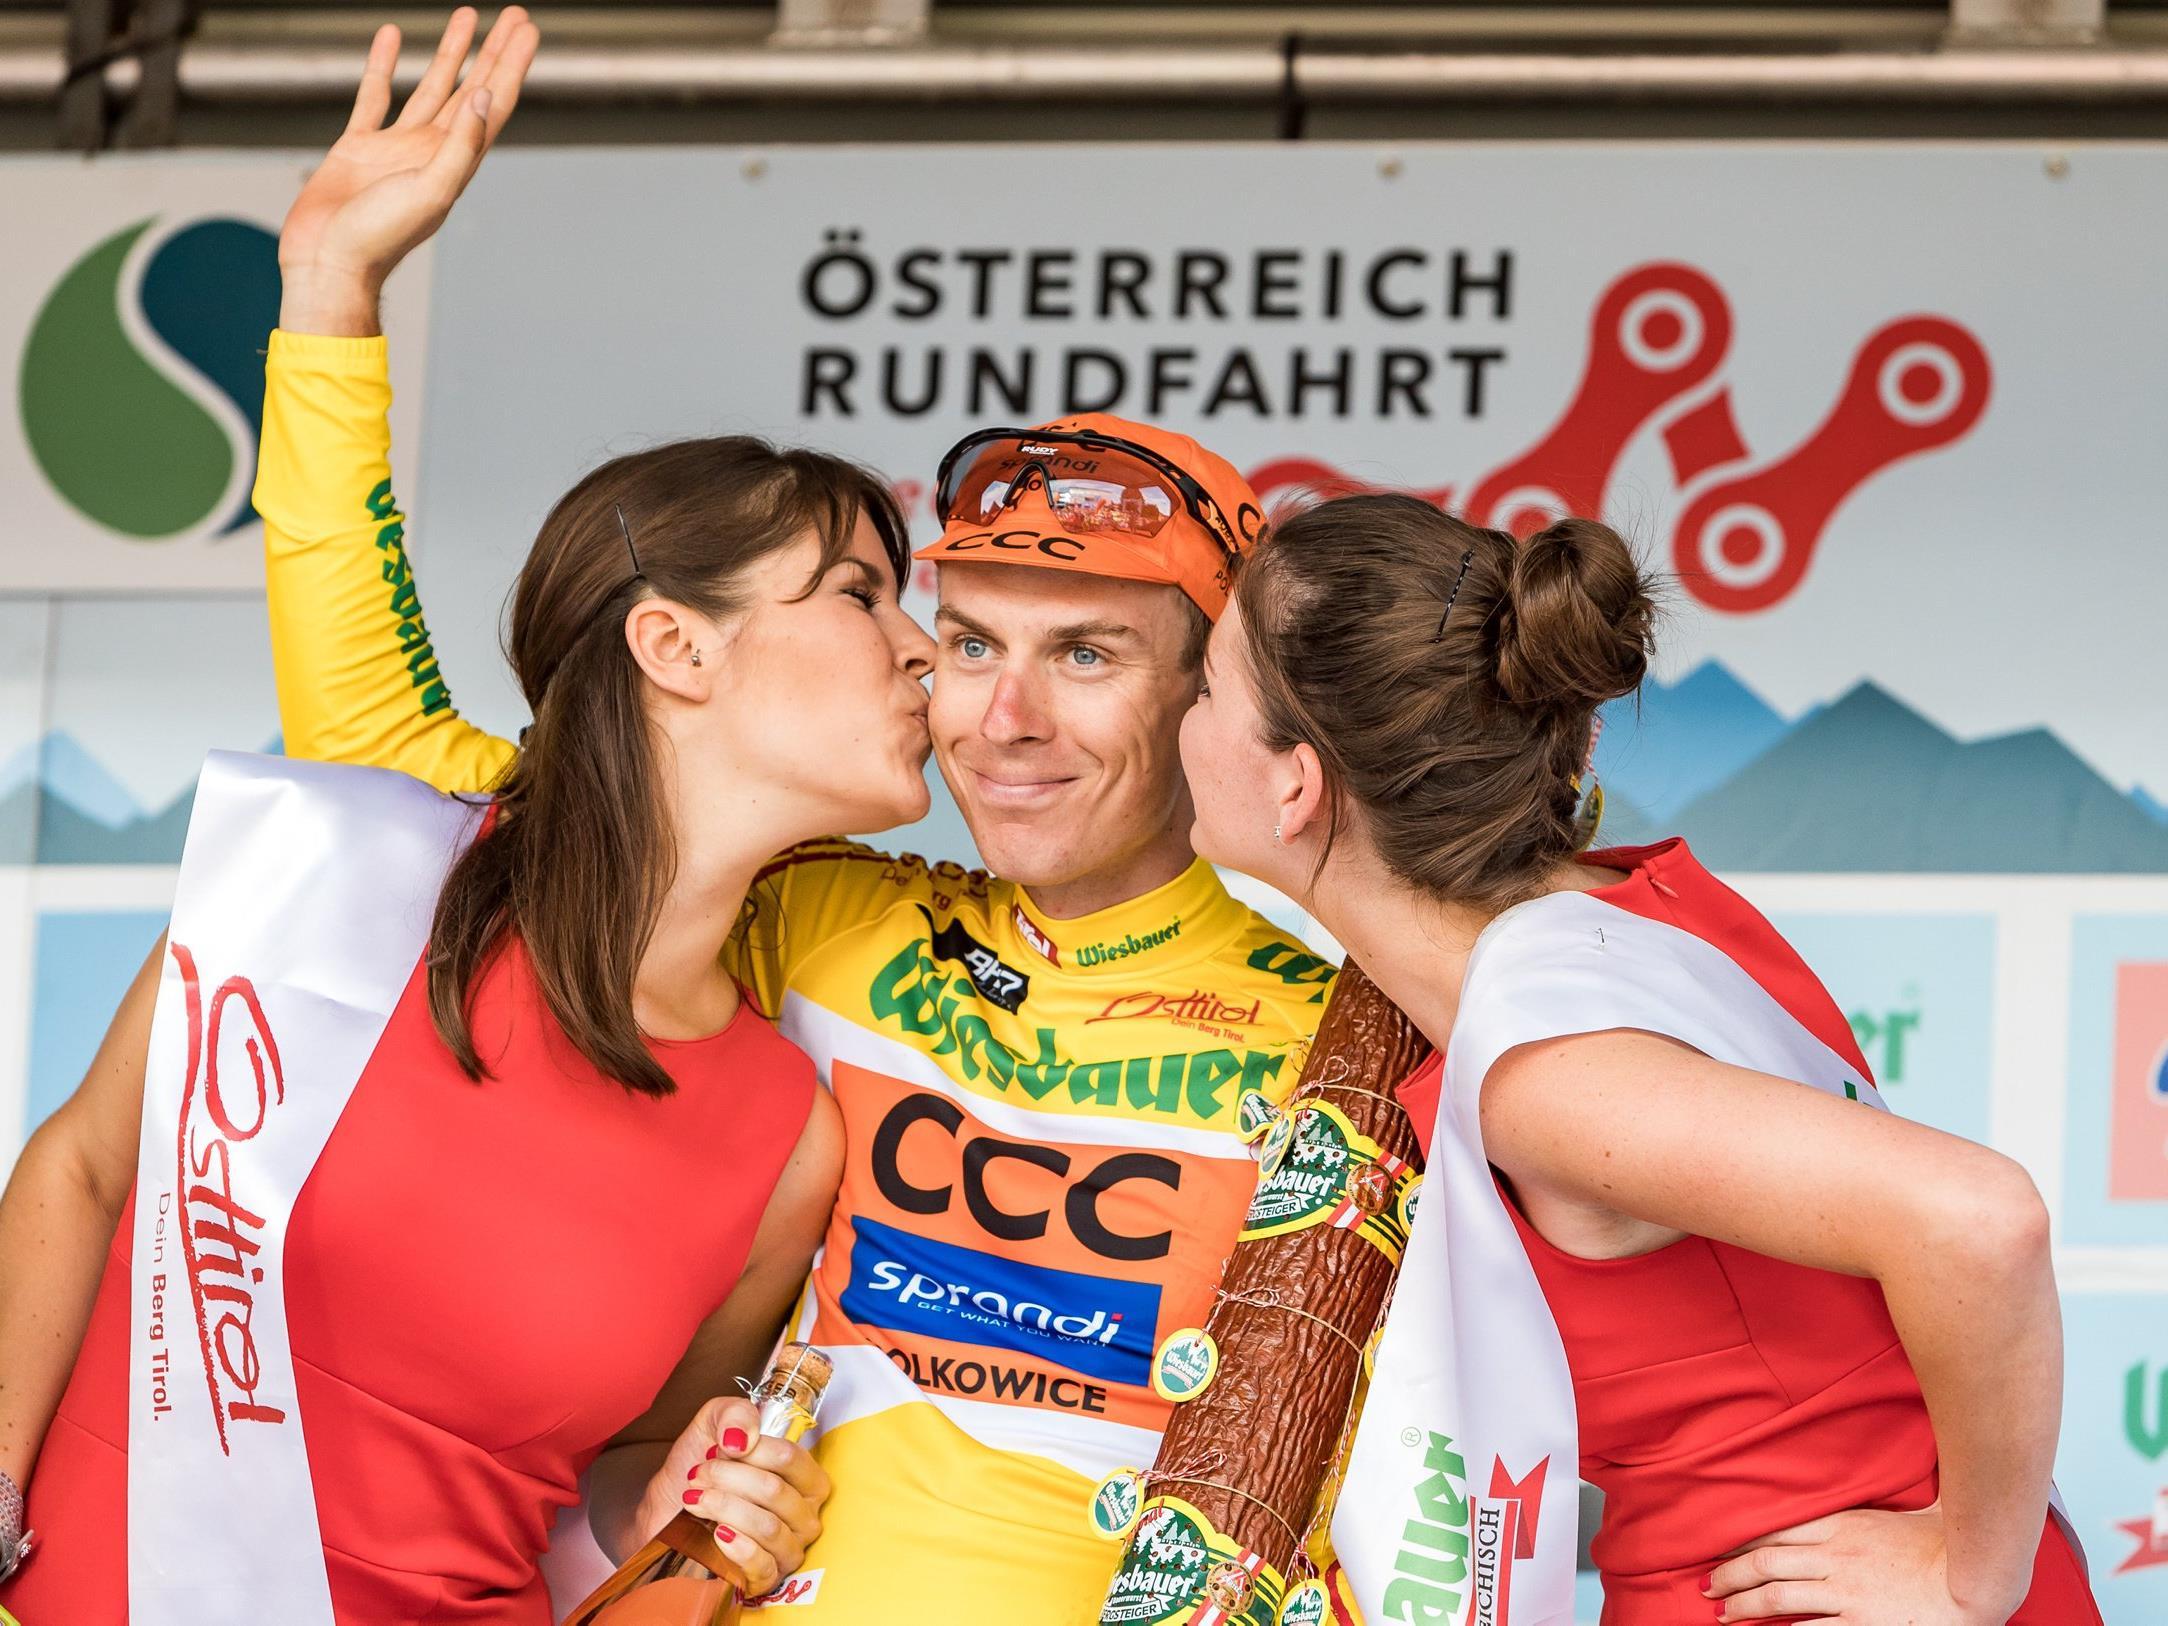 Der Tscheche Jan Hirt hat die Gesamtwertung der Österreich-Rundfahrt gewonnen.